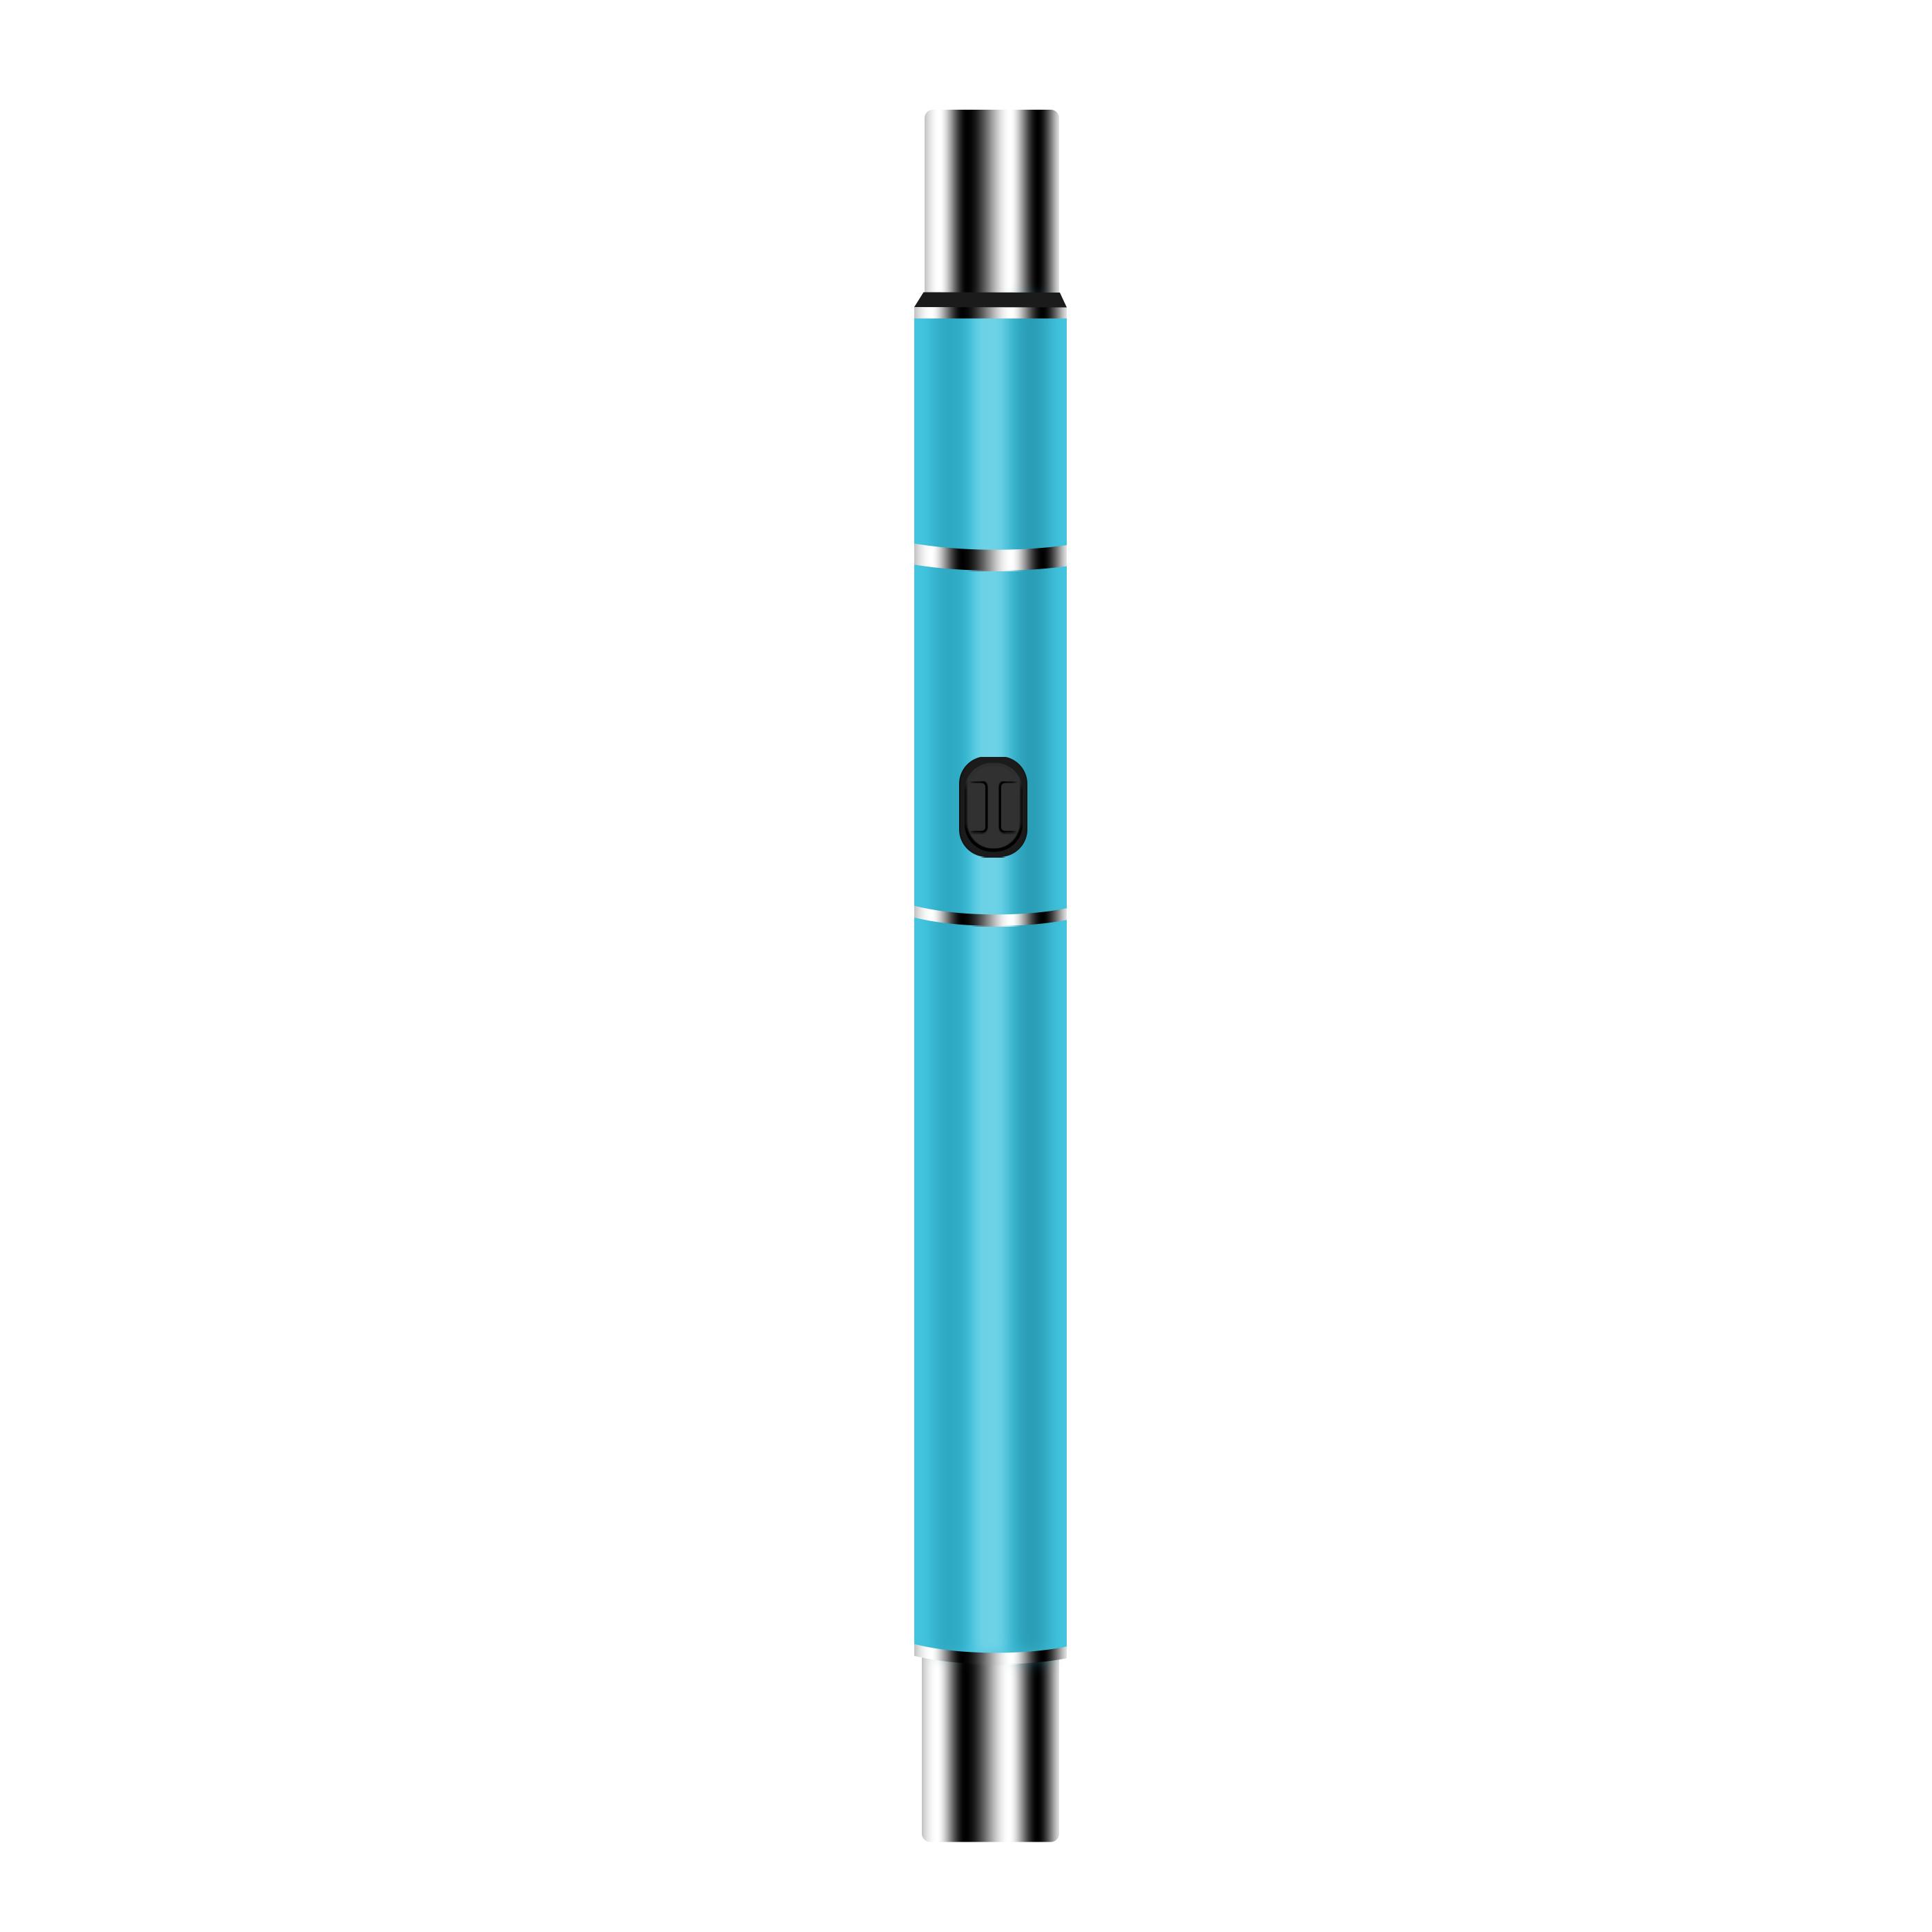 W12 sensible electronic cigarette